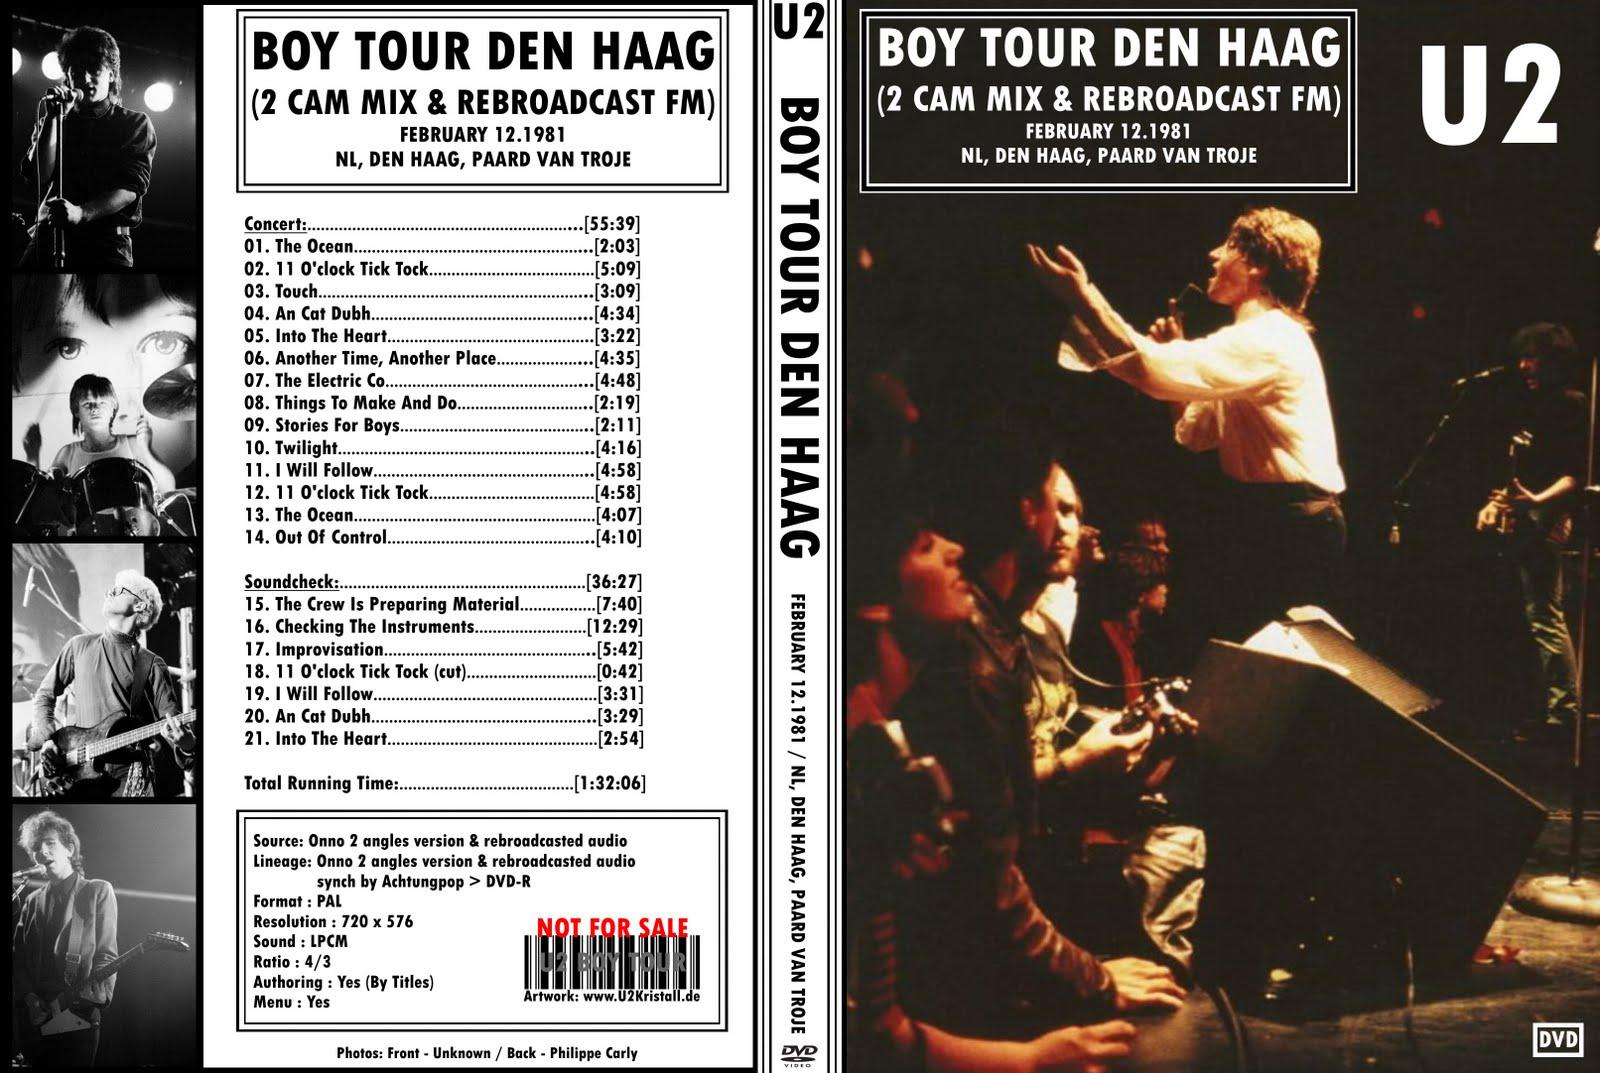 http://2.bp.blogspot.com/_B3pd8gvEaCQ/TPoOBjTfXhI/AAAAAAAAS-s/mIDnDHYOb6k/s1600/1981-02-12-DenHaag-BoyTourDenHaag-Front.jpg